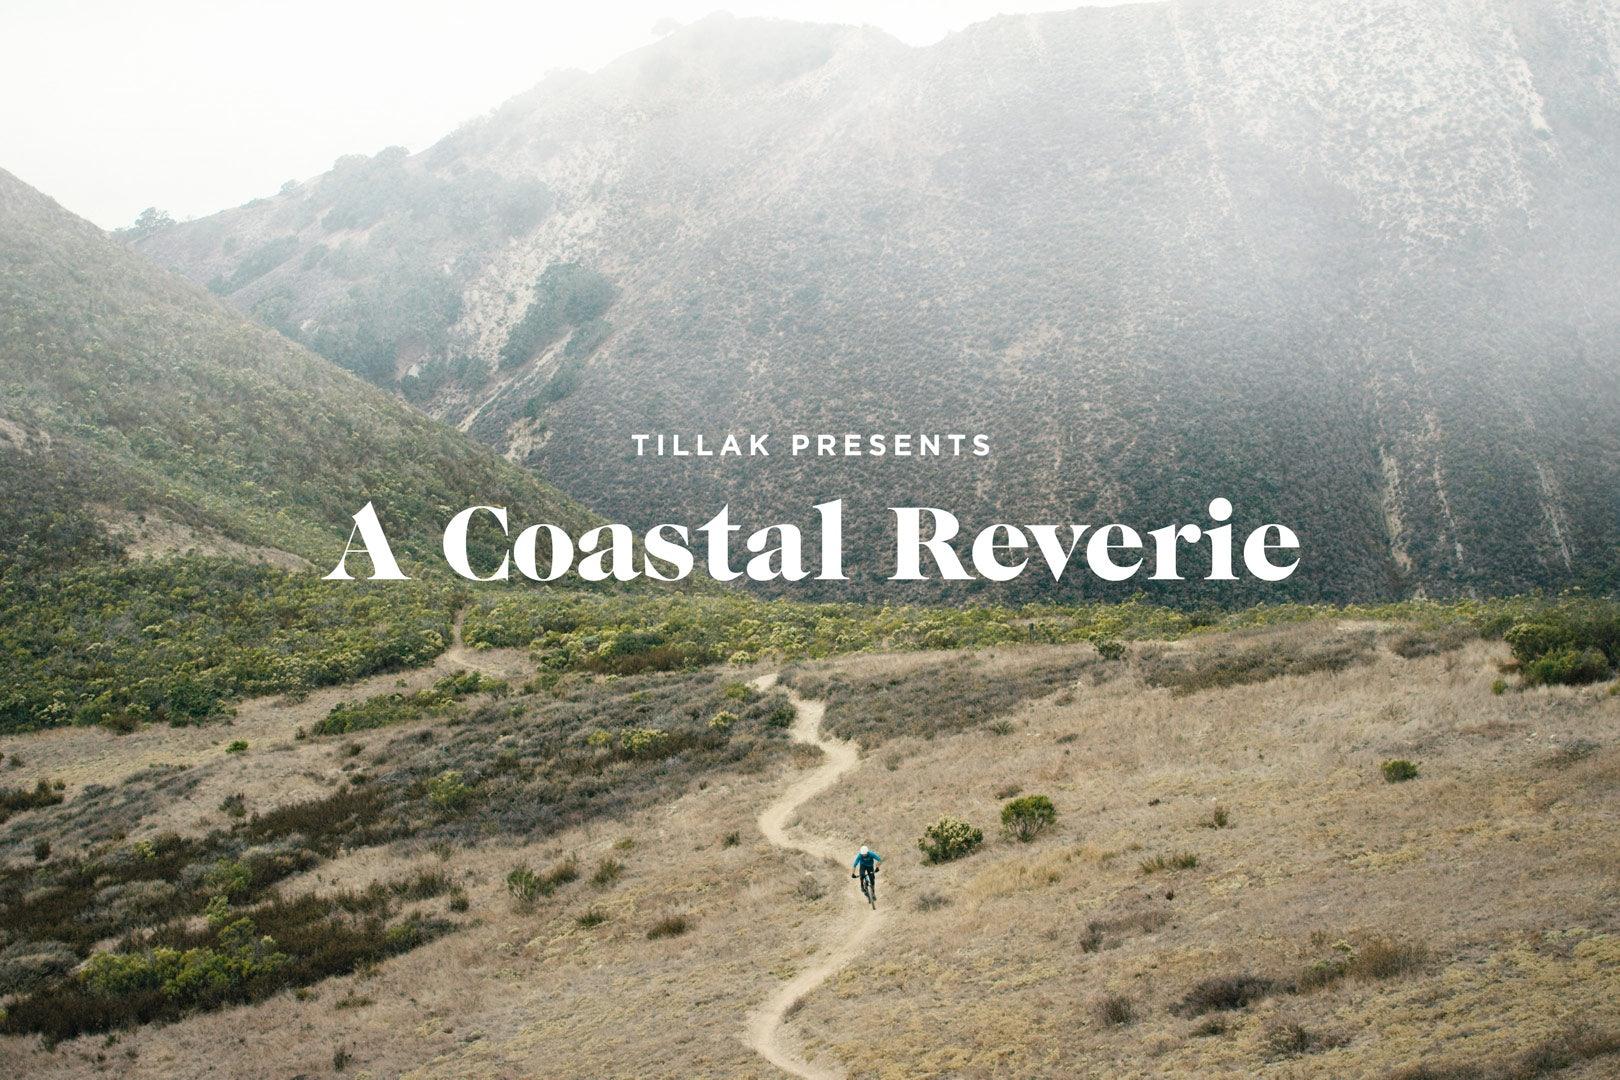 Tillak - A Coastal Reverie